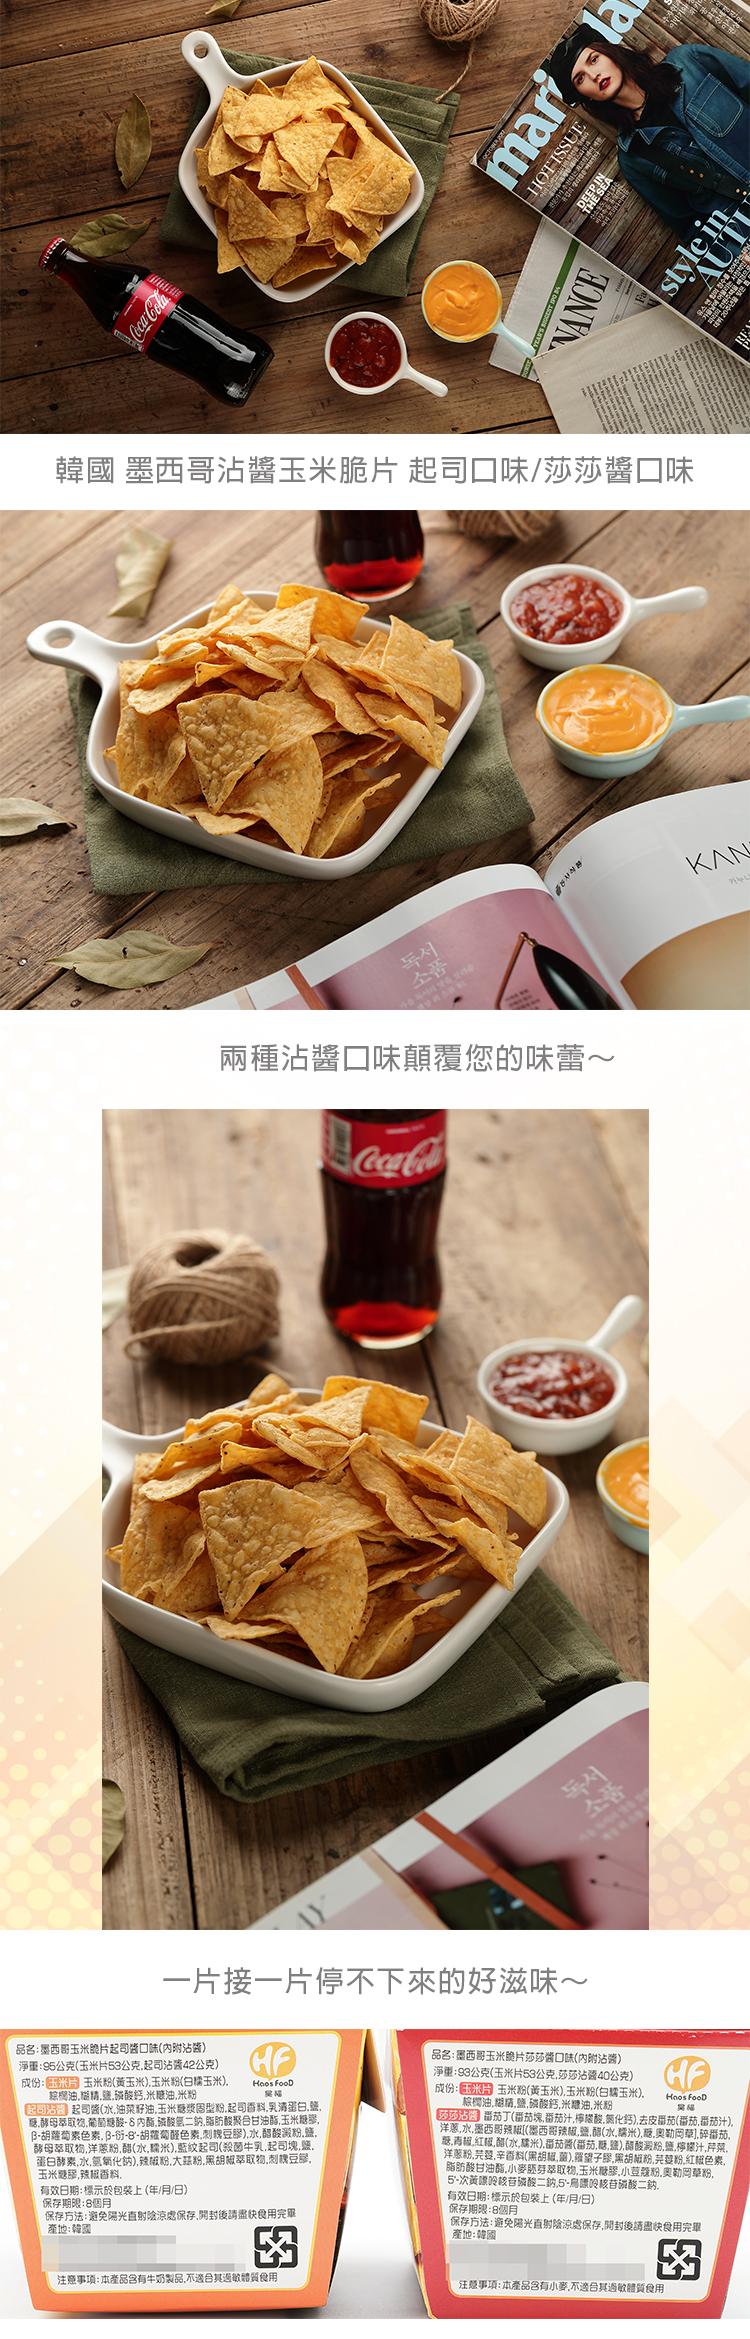 韓國墨西哥沾醬玉米脆片EC